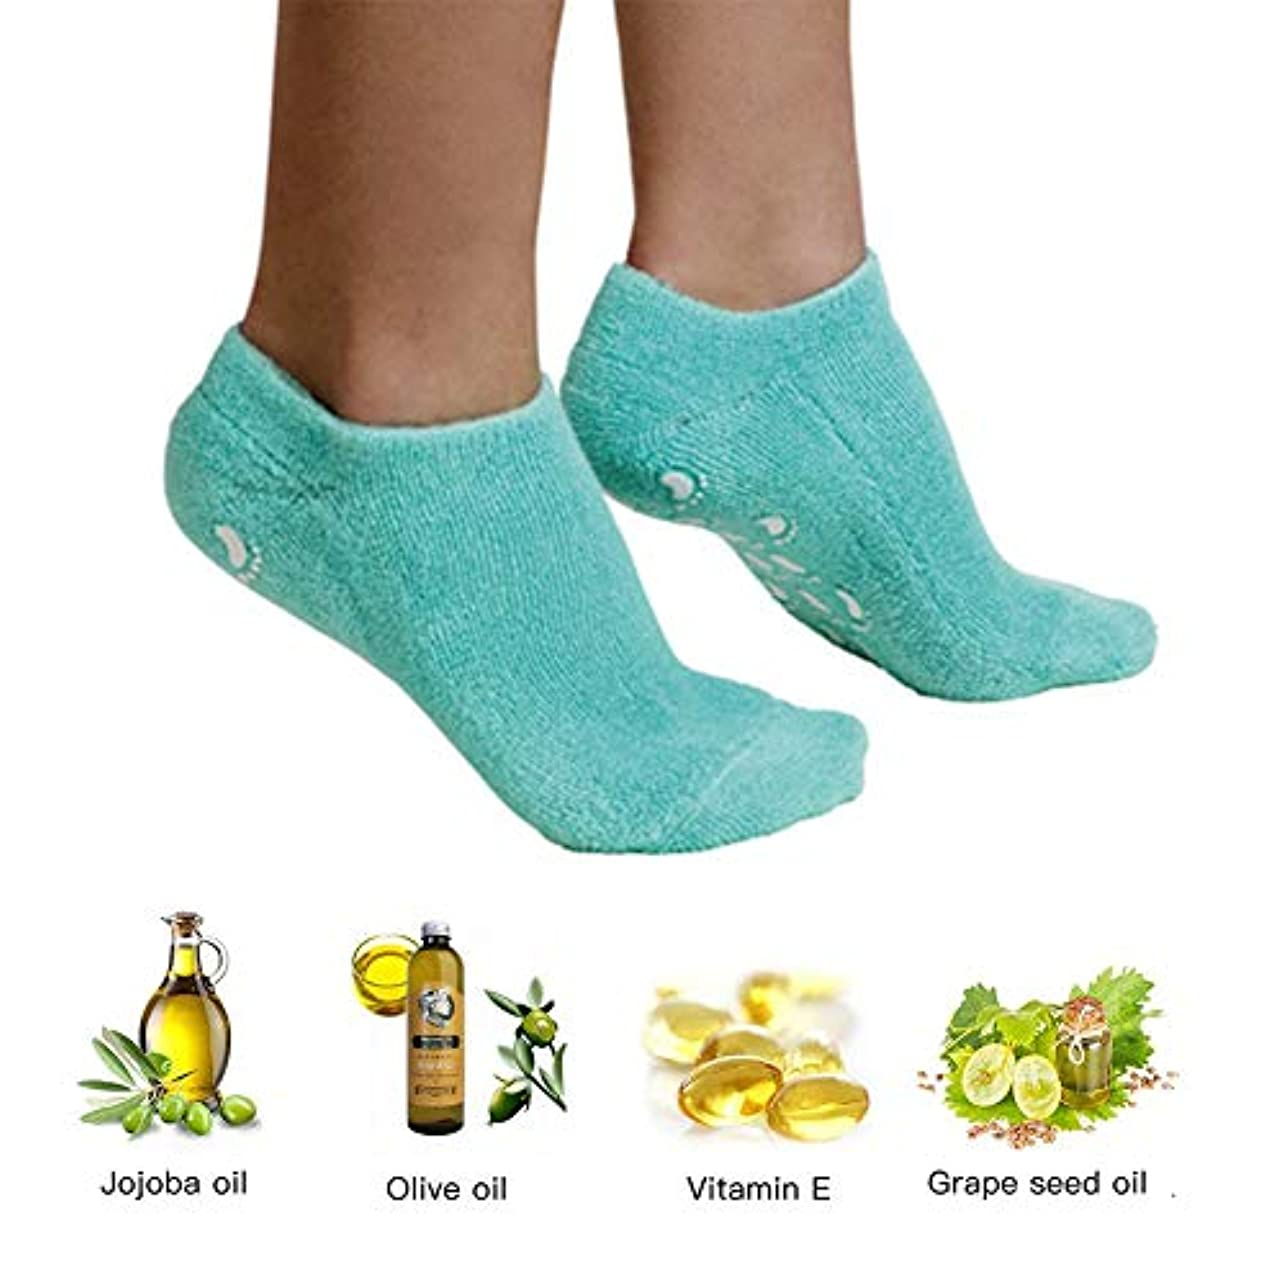 辞書スクラップ不愉快にエッセンシャルオイルジェル美容保護手袋ソックスフットカバー男性と女性のかかとフルフットシリコーン保湿白い抗クラッキングソックス,1PCS